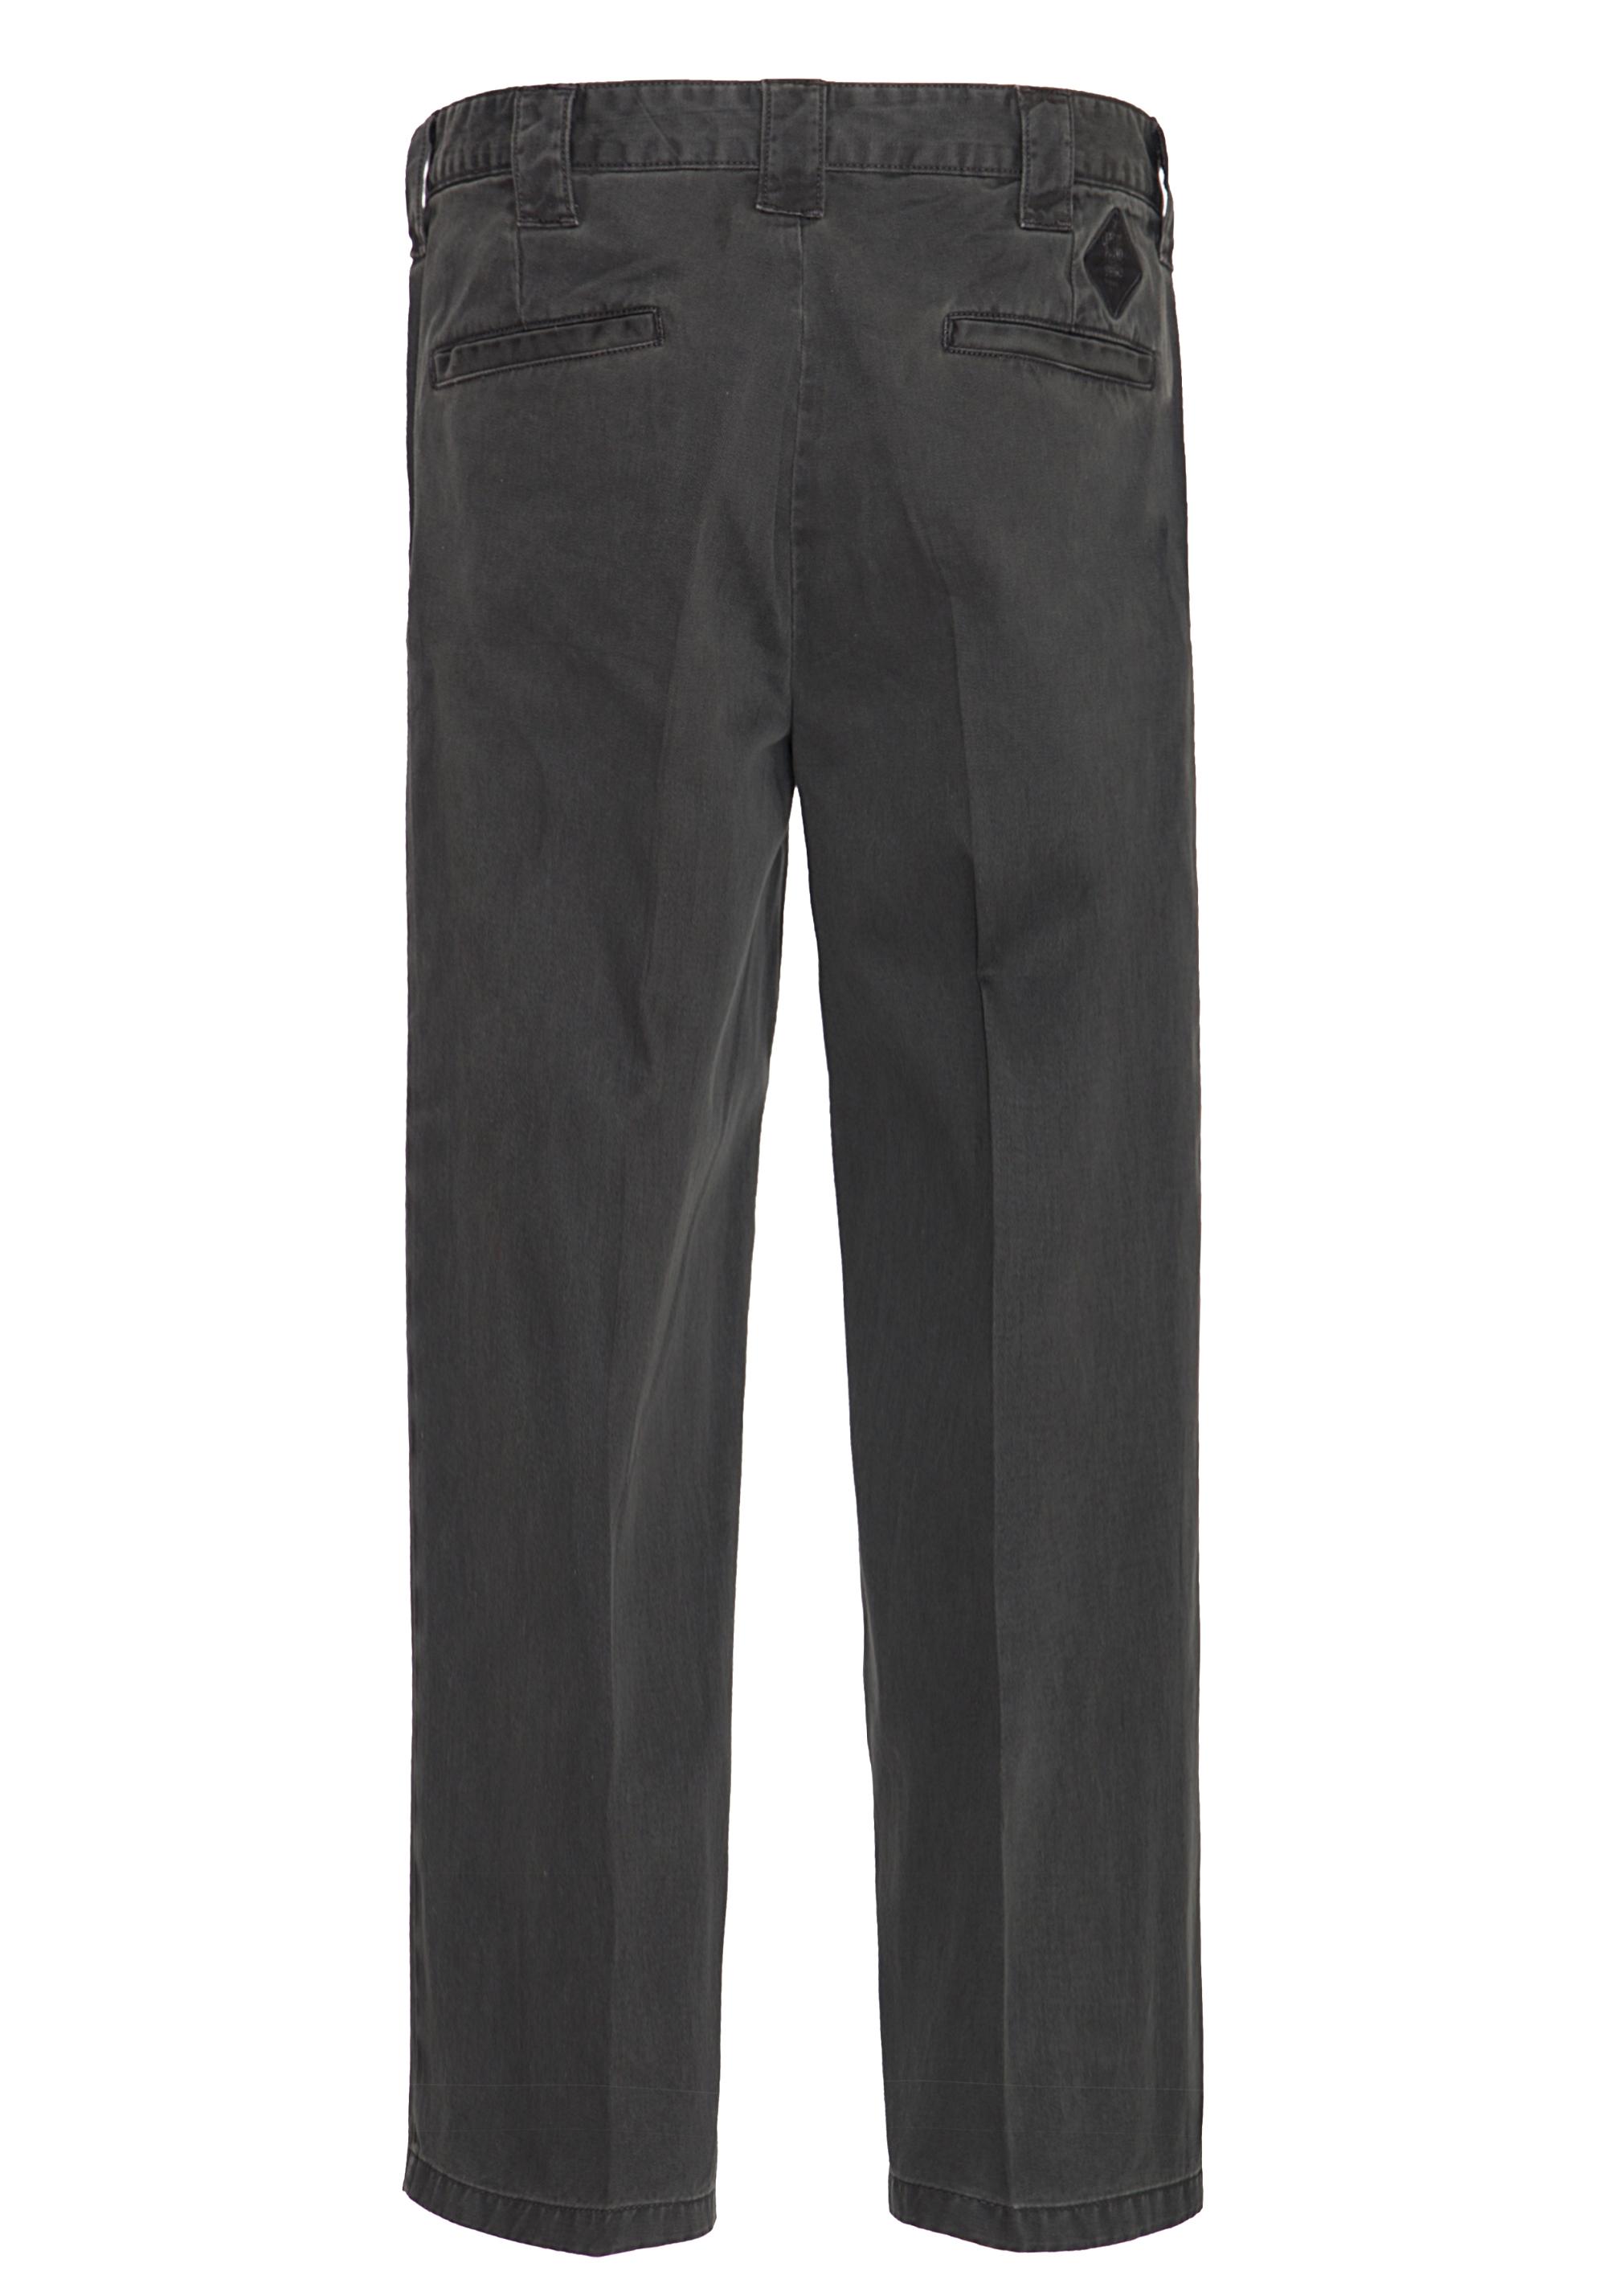 King Kerosin Workwear Hose mit Oil Washed Optik in anthrazit günstig kaufen